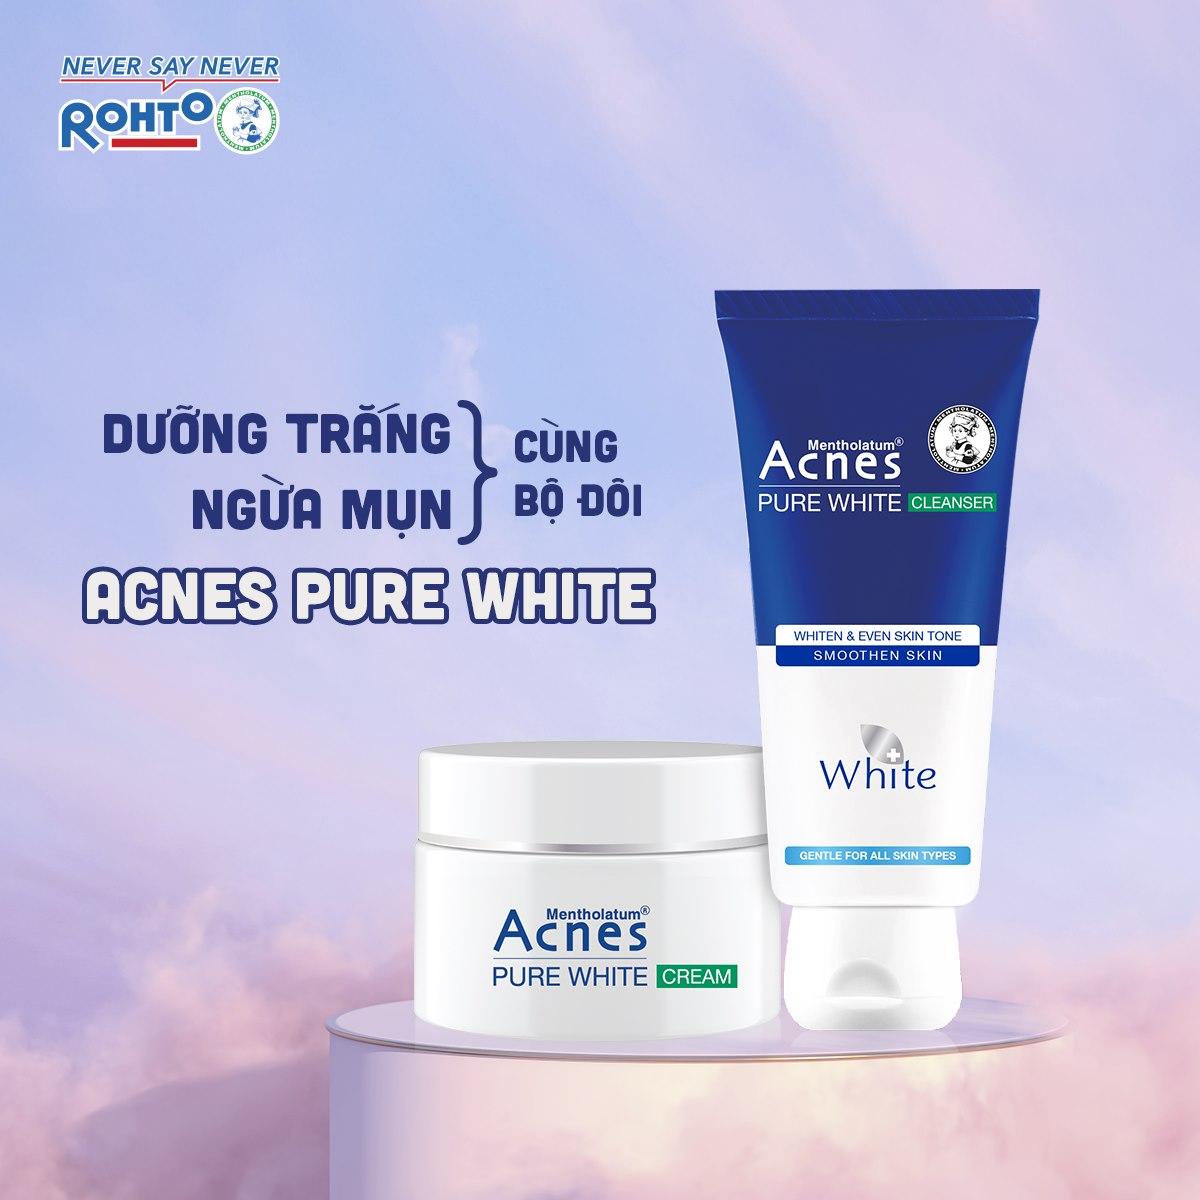 Sử dụng trọn bộ Acnes Pure White để đạt hiệu quả dưỡng sáng da, ngăn ngừa mụn tối ưu nhất